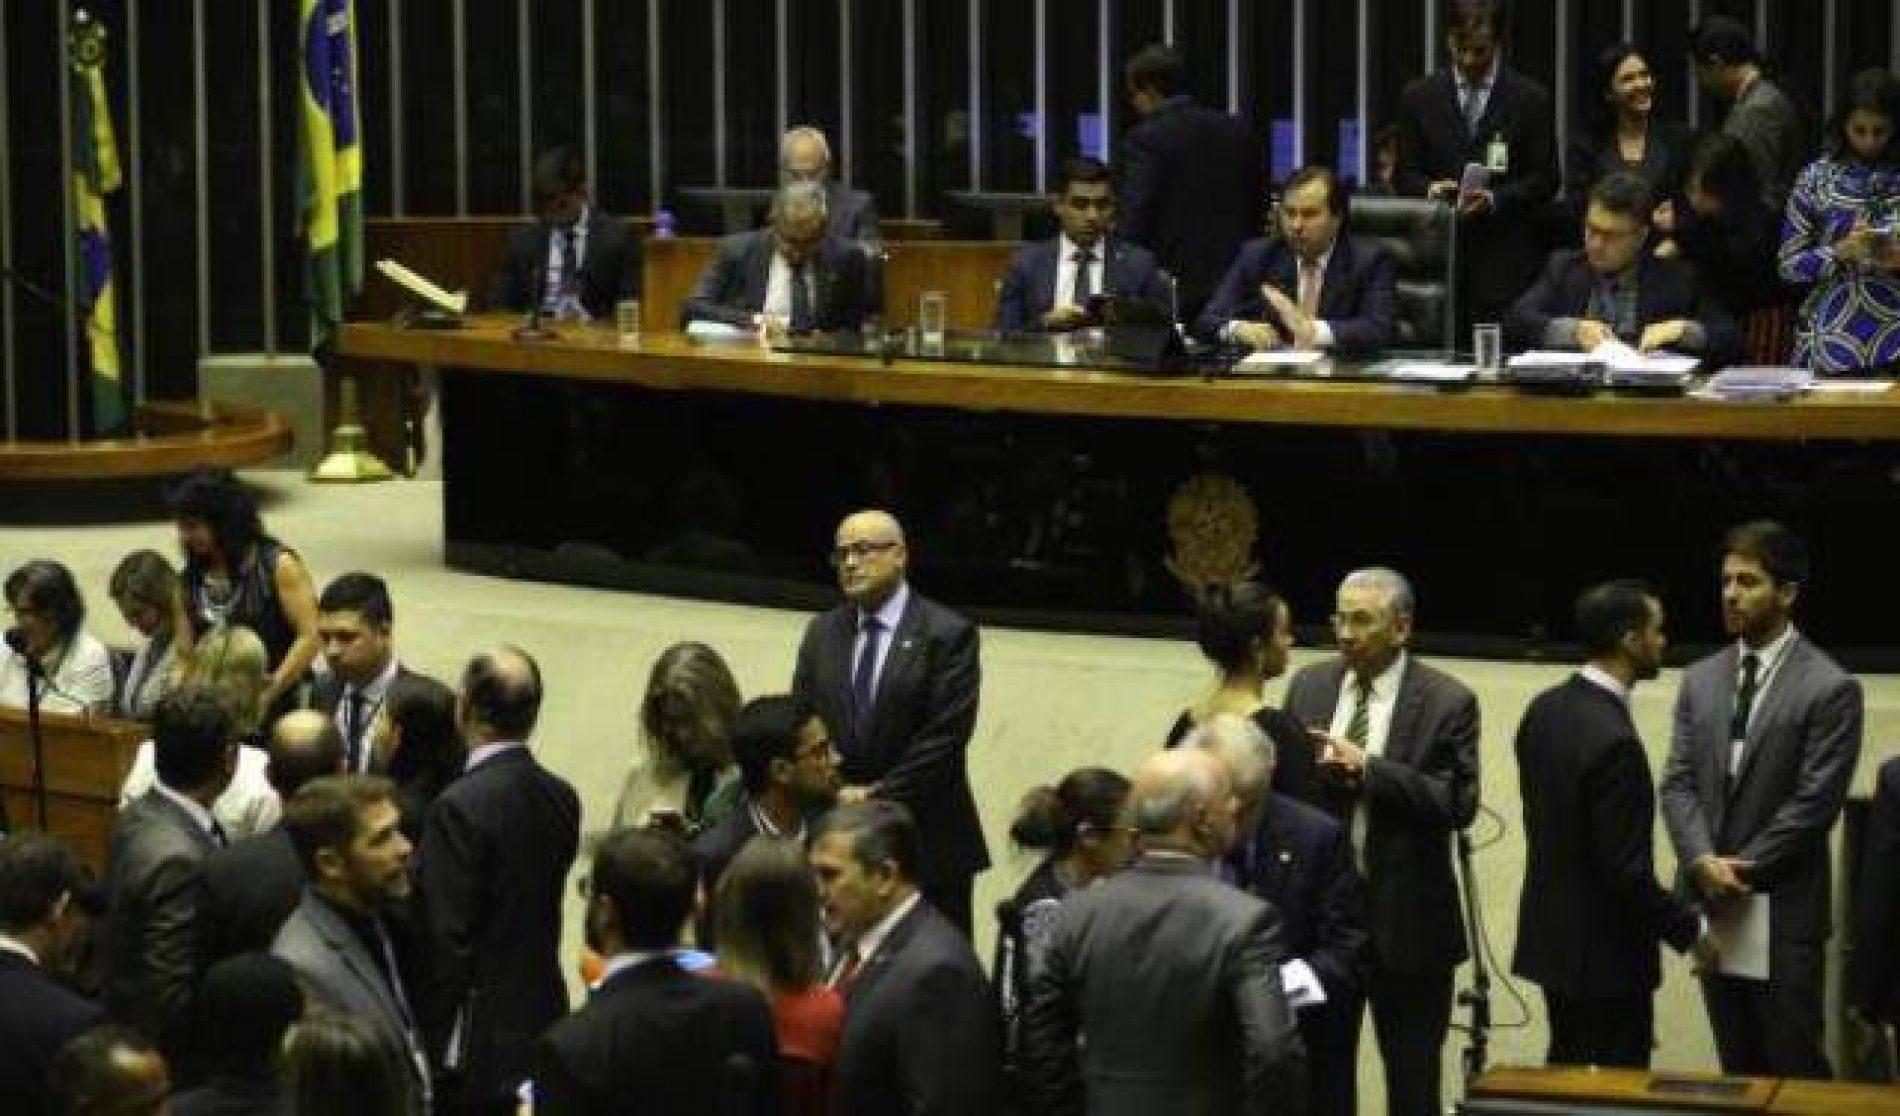 Partidos emperram 'restrição ao foro' na Câmara